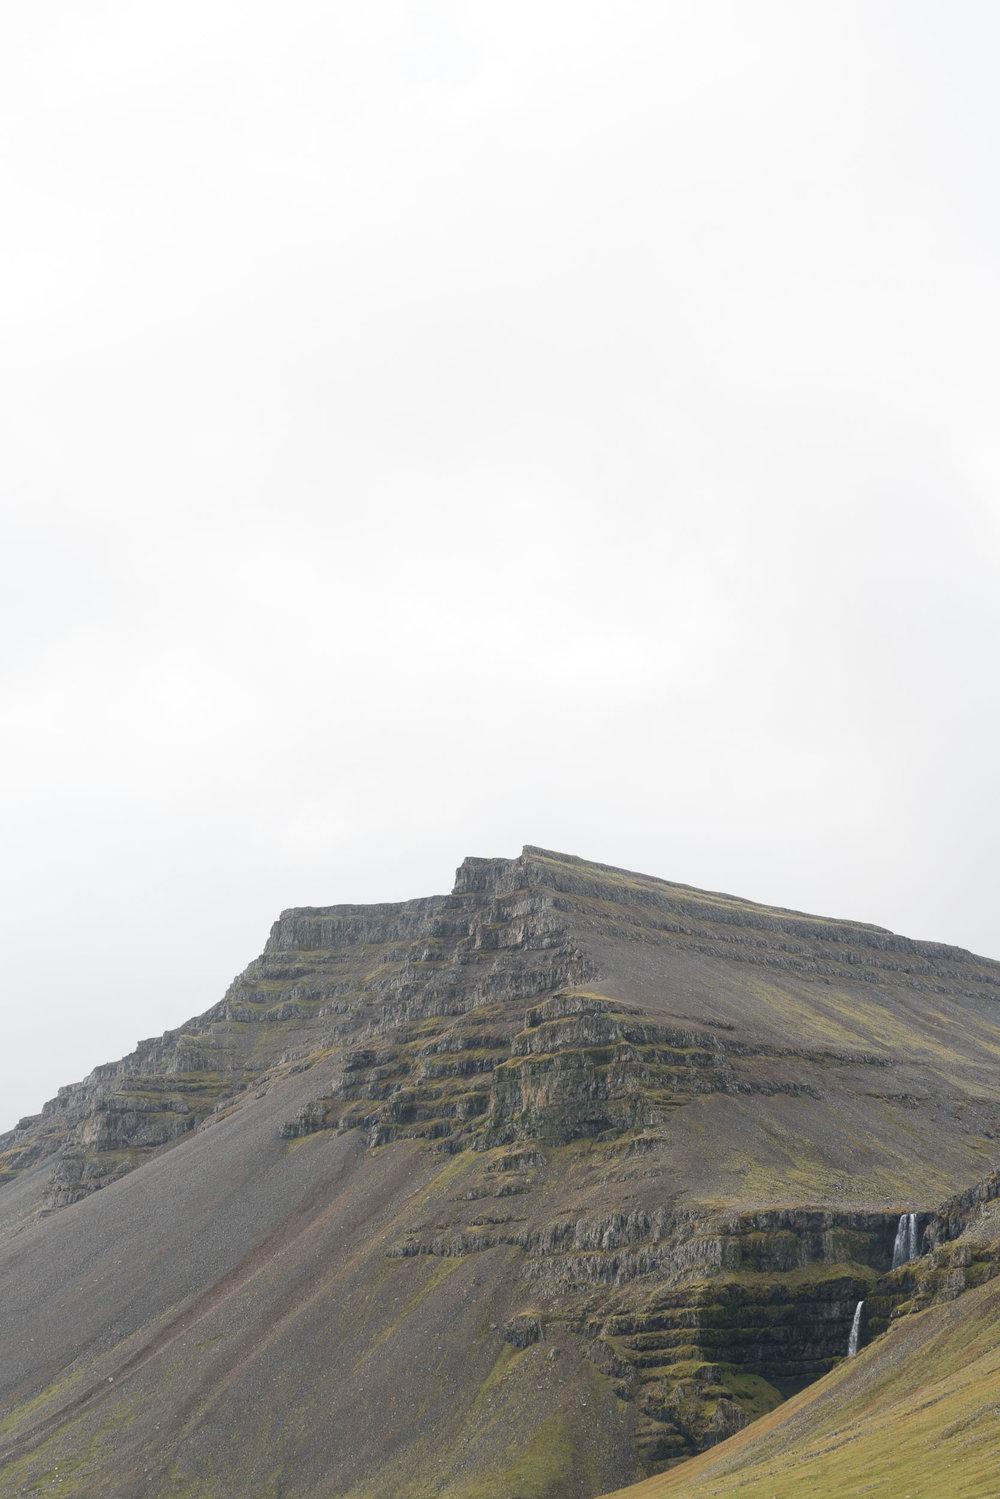 iceland_westfjords-2.jpg